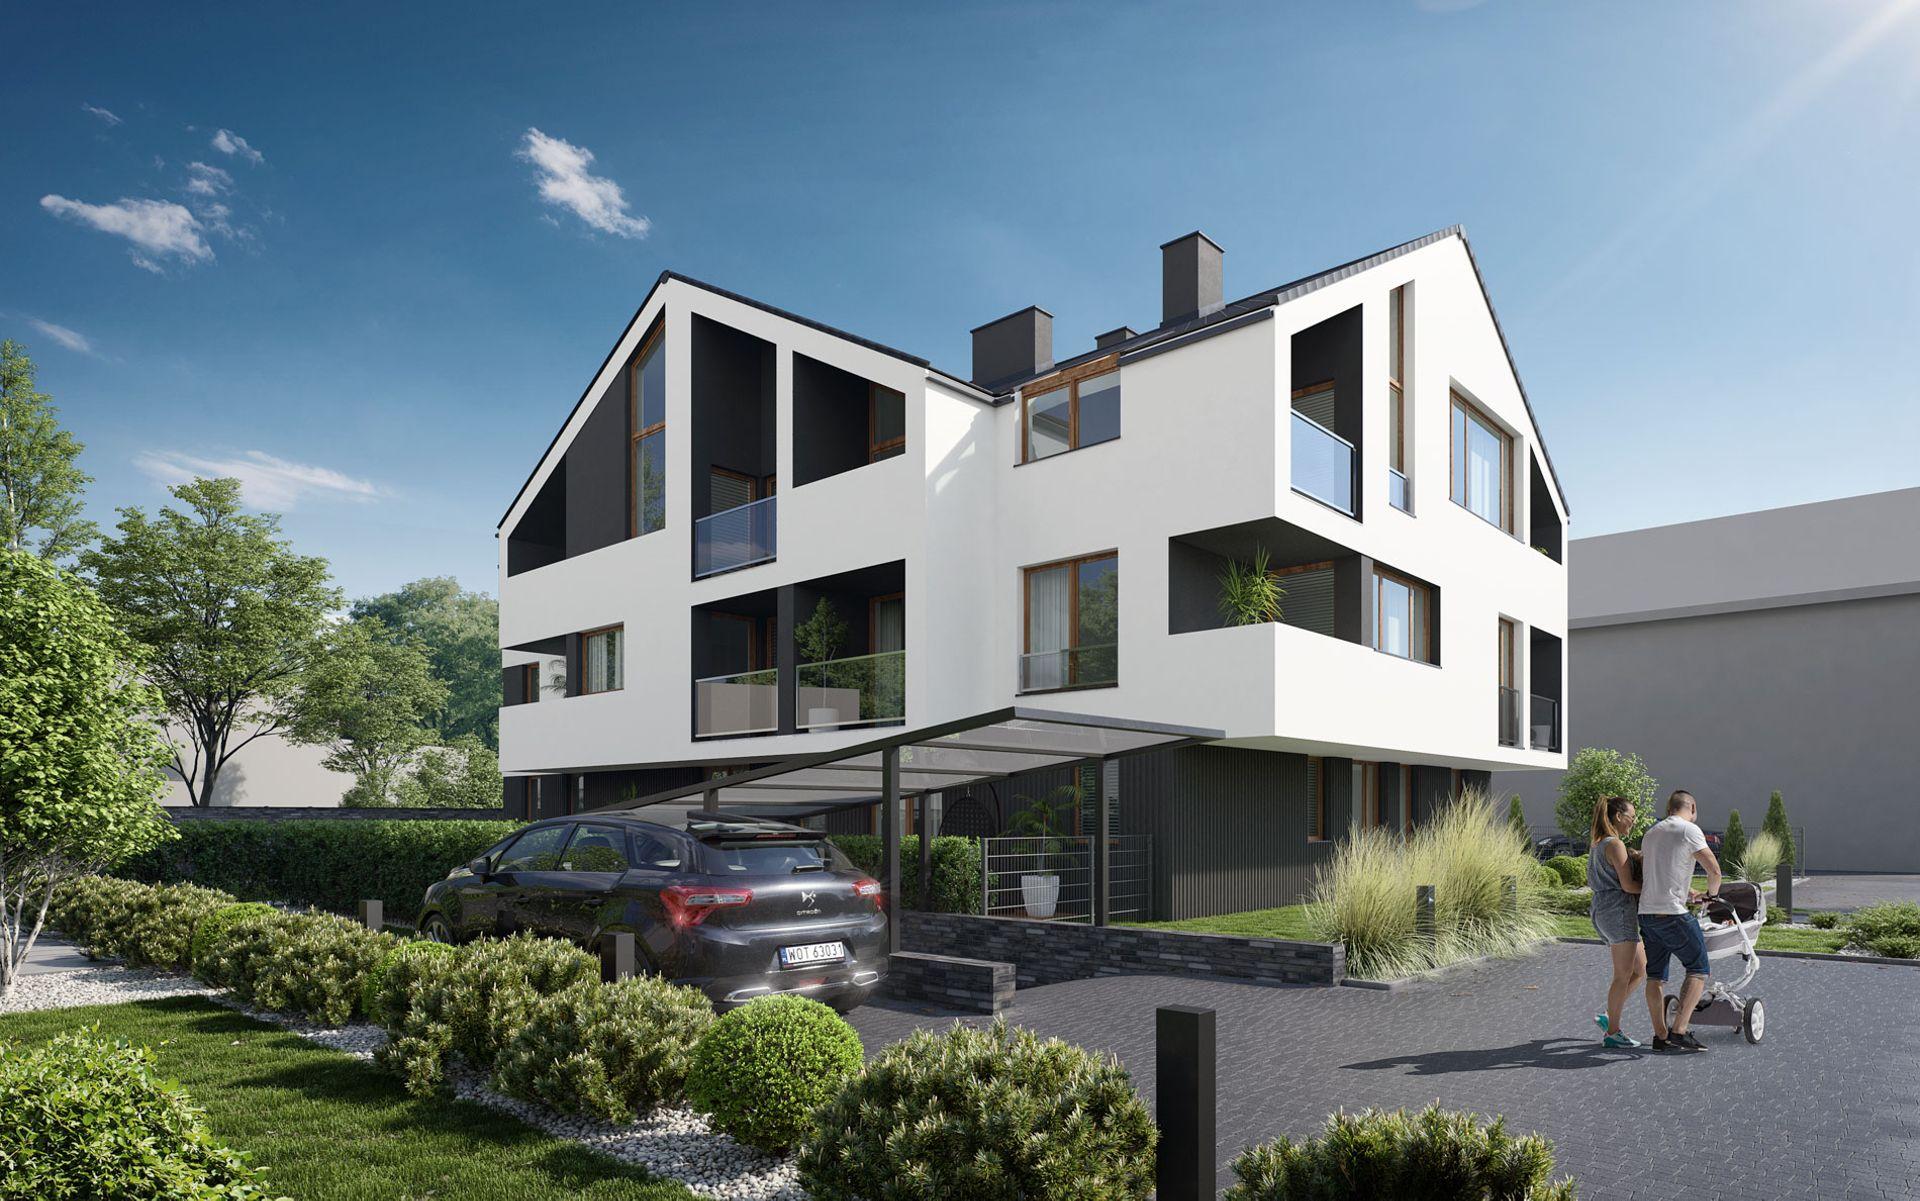 Kraków: Budowa Apartamentów Sąsiedzka na Dębnikach od Invest House dobiega końca